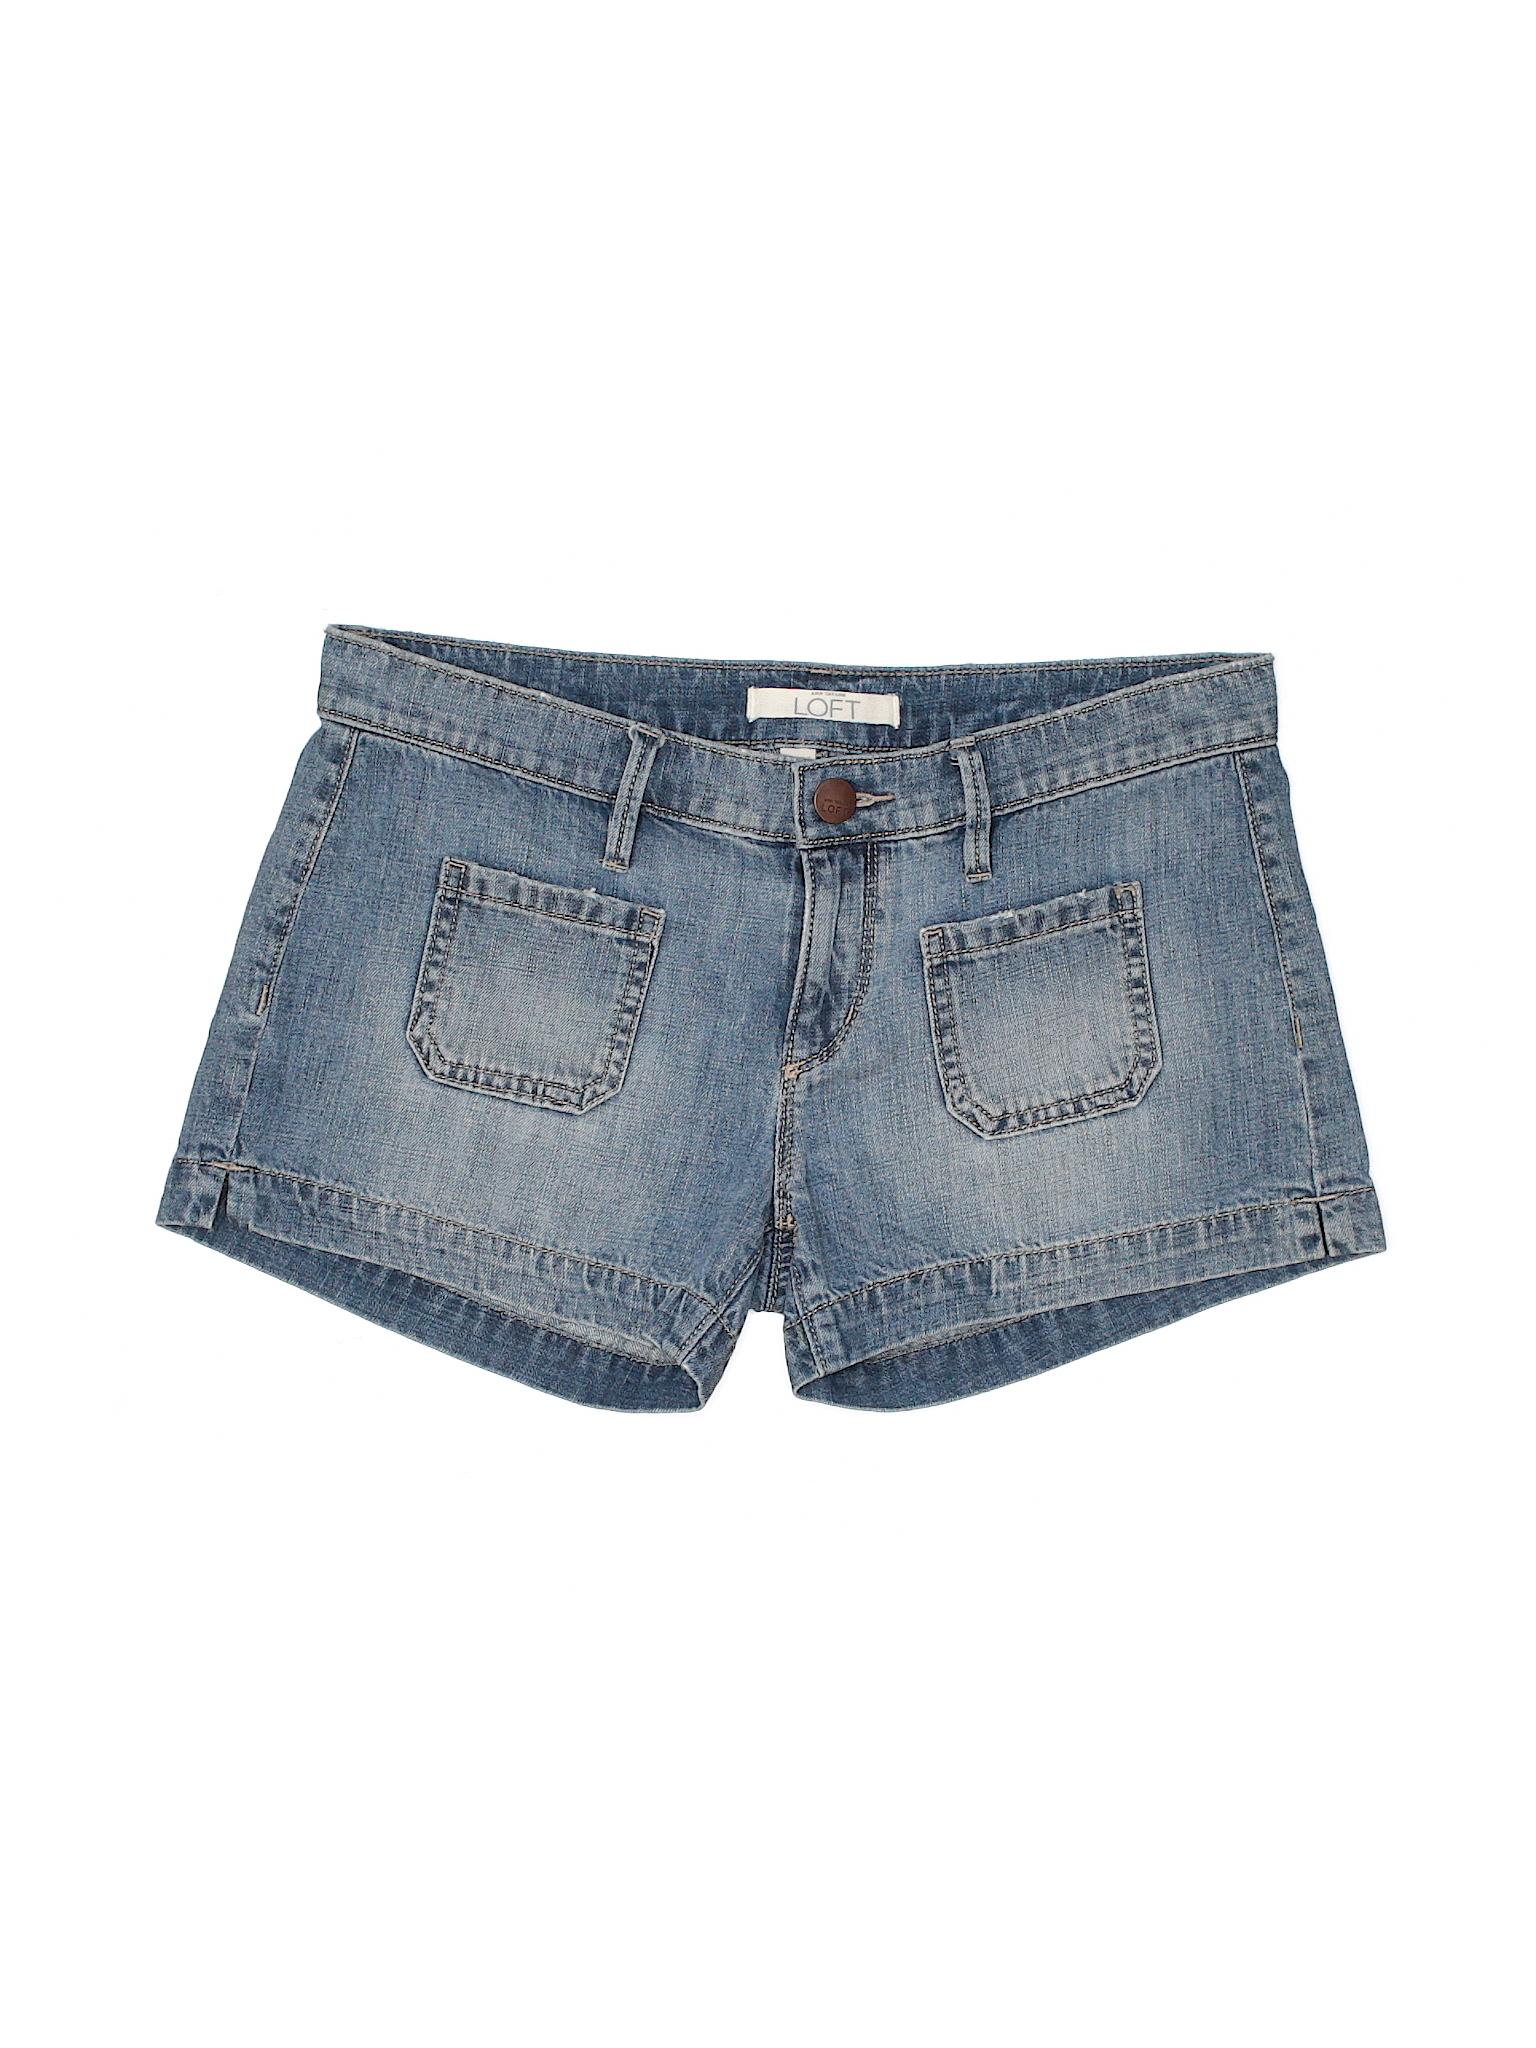 Ann Taylor Denim Boutique Shorts LOFT 0CqdHPd